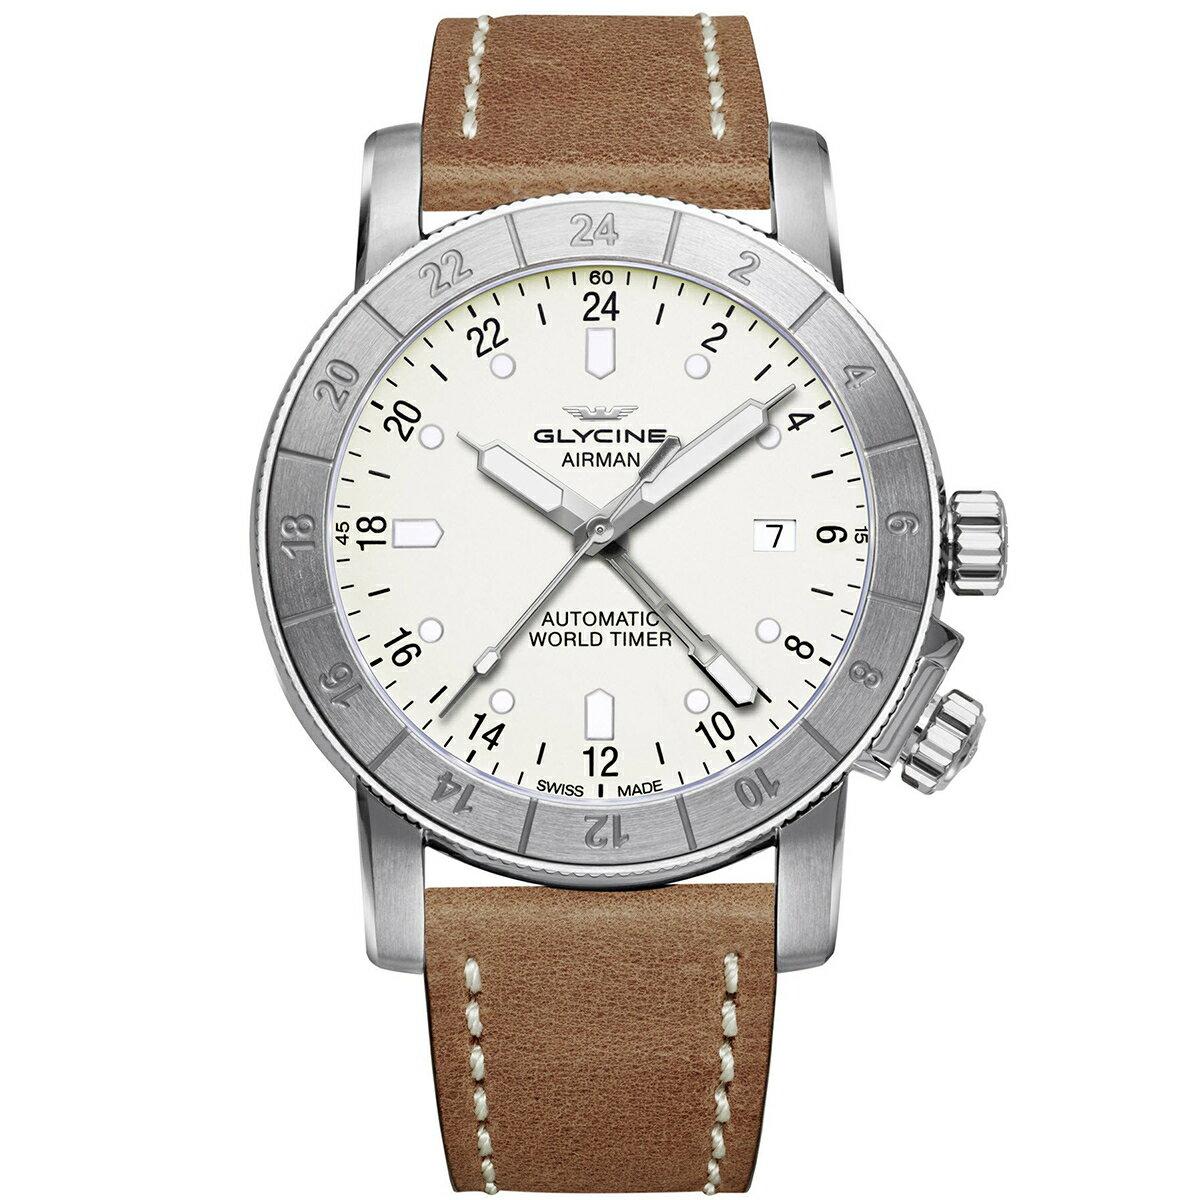 グライシン グリシン GLYCINE エアマン AIRMAN 42 GL0067 メンズ 時計 腕時計 自動巻き オートマチック スイス製 スイスメイド ワールドタイム表示